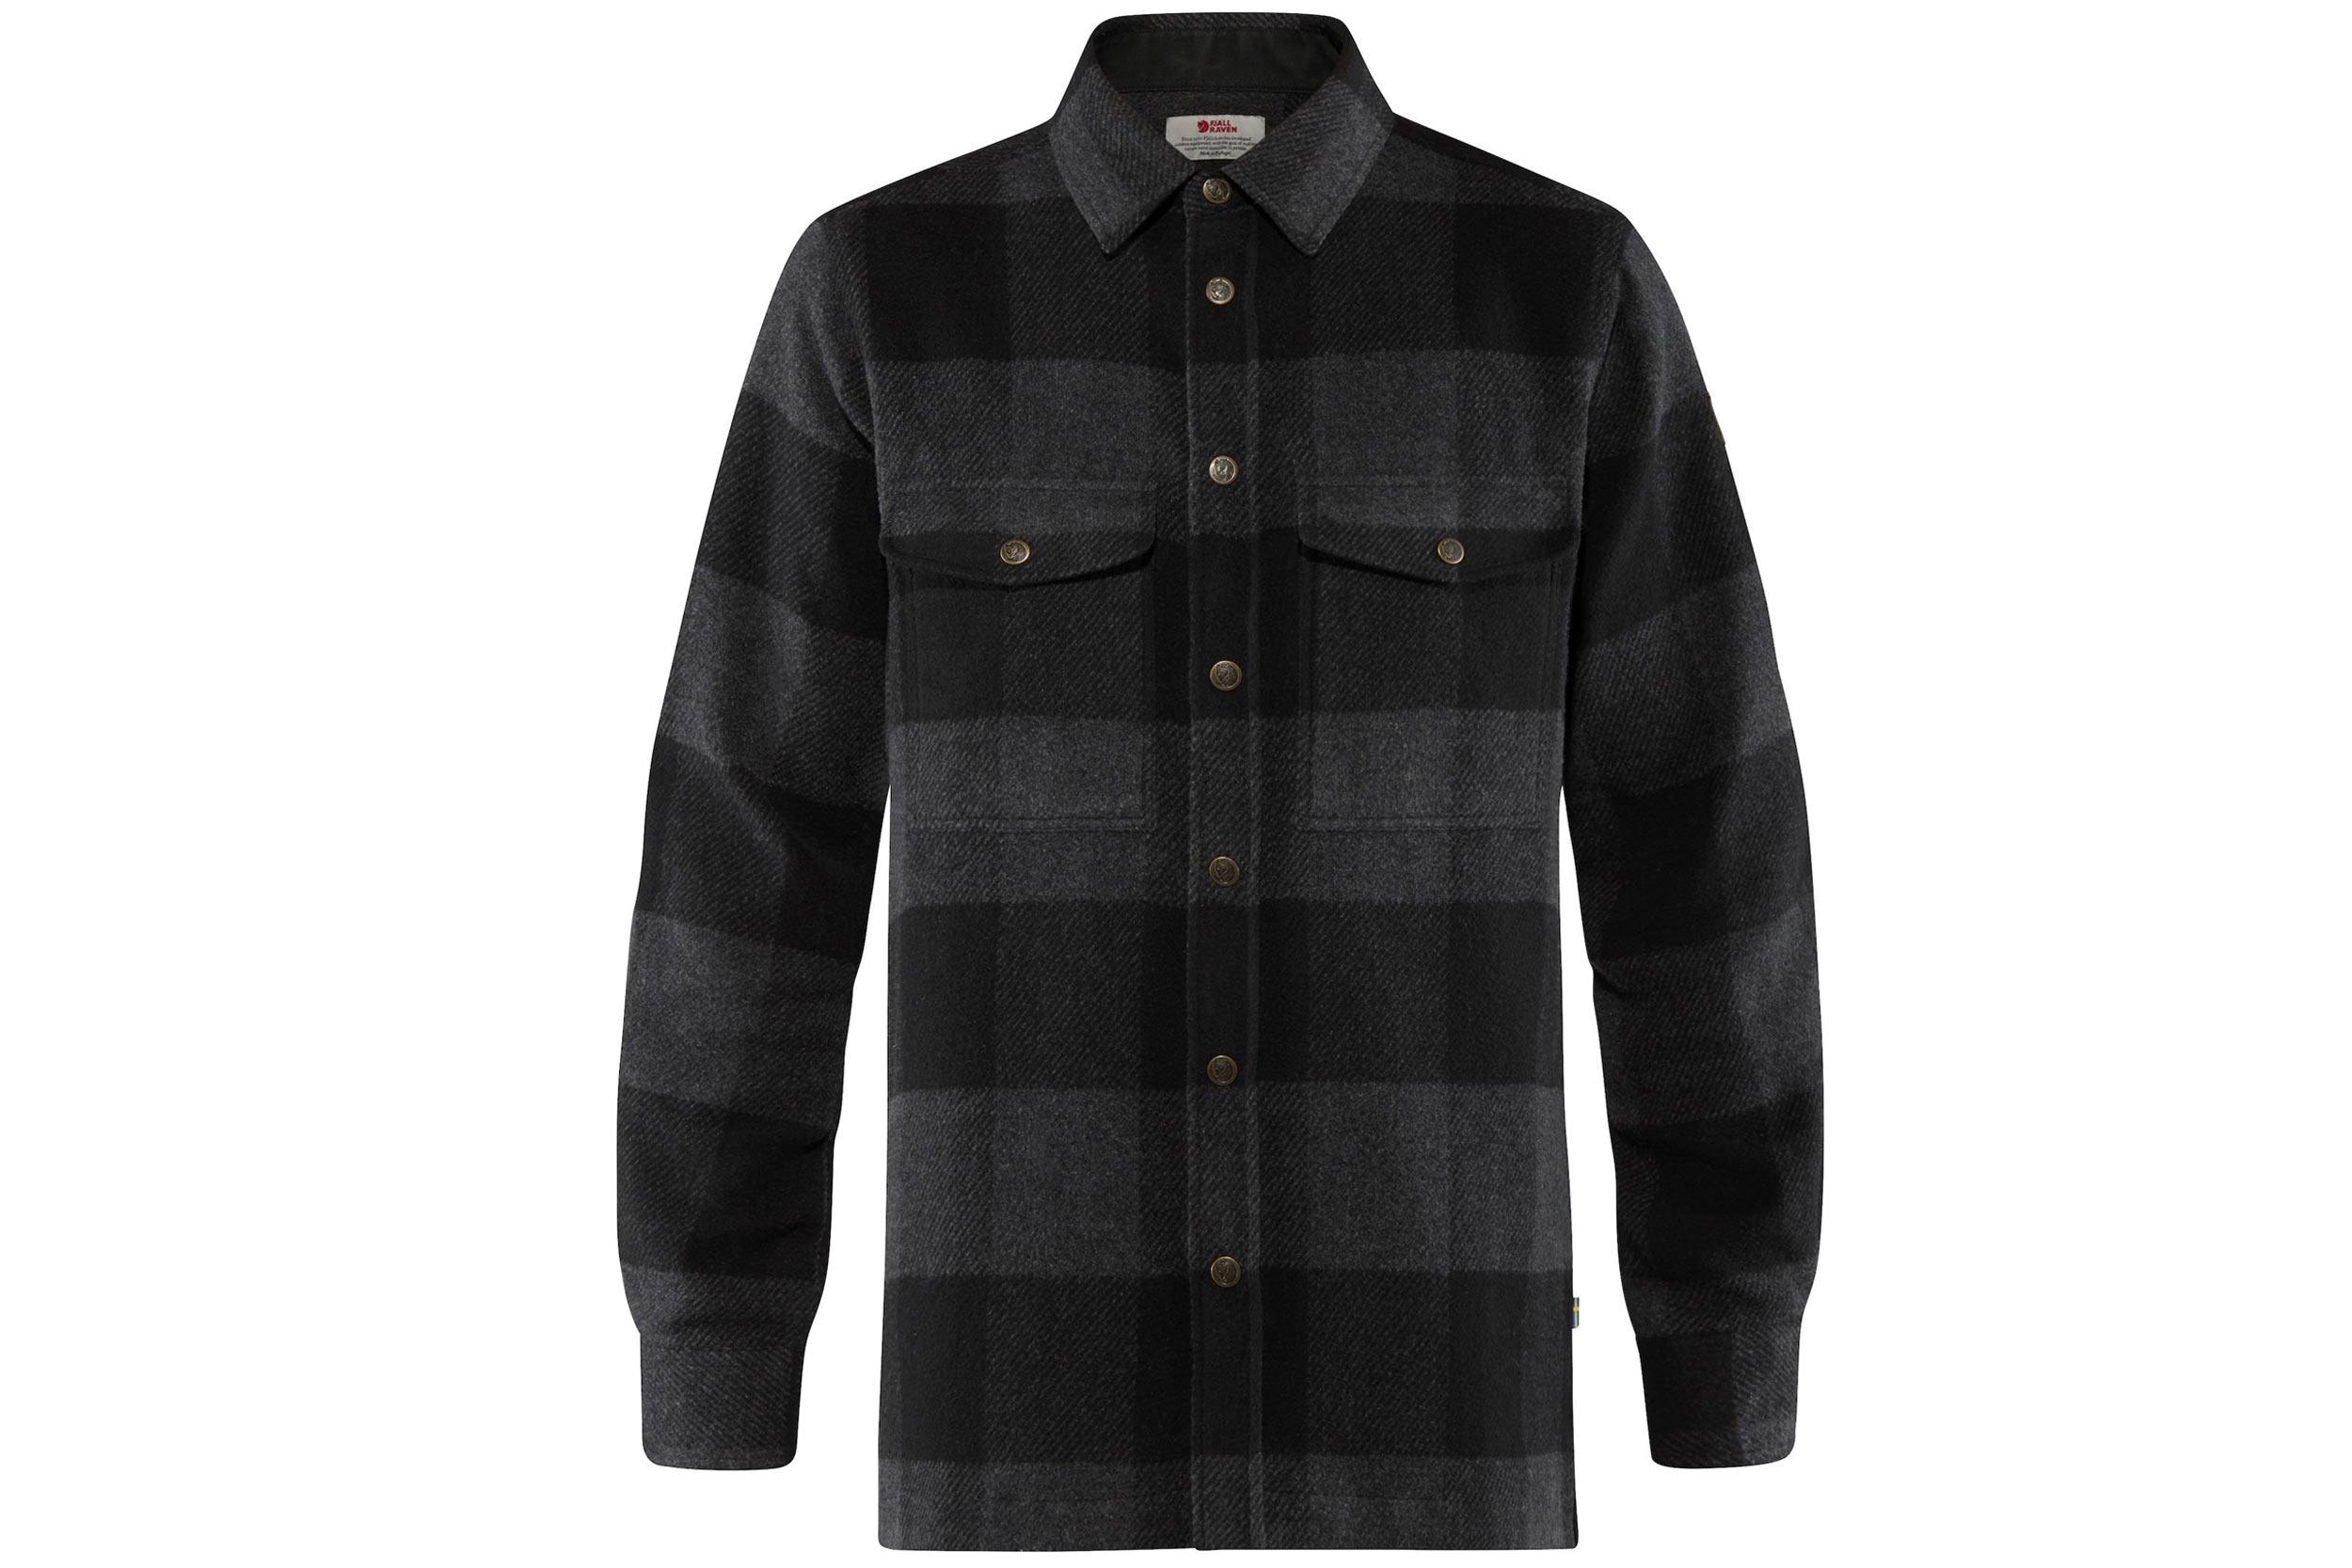 GearJunkie_Best_Flannels_2021_Fjallraven_Canada_shirt